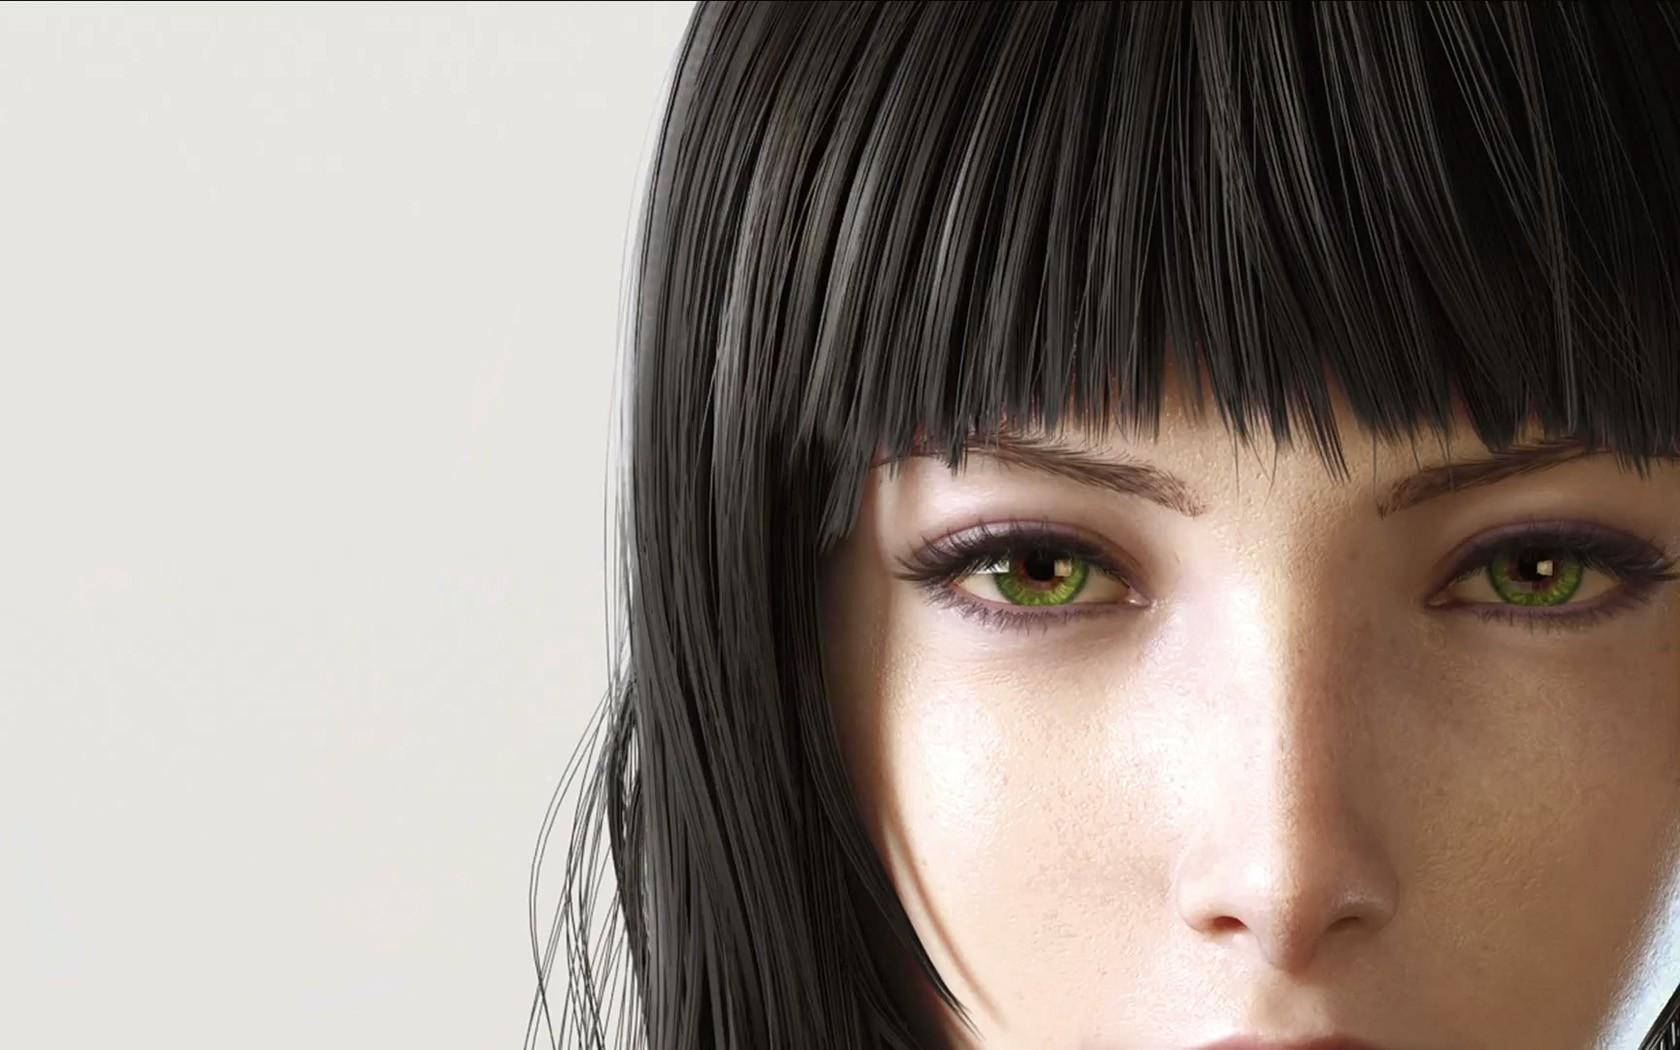 Imágenes realistas en 3D - 1680x1050